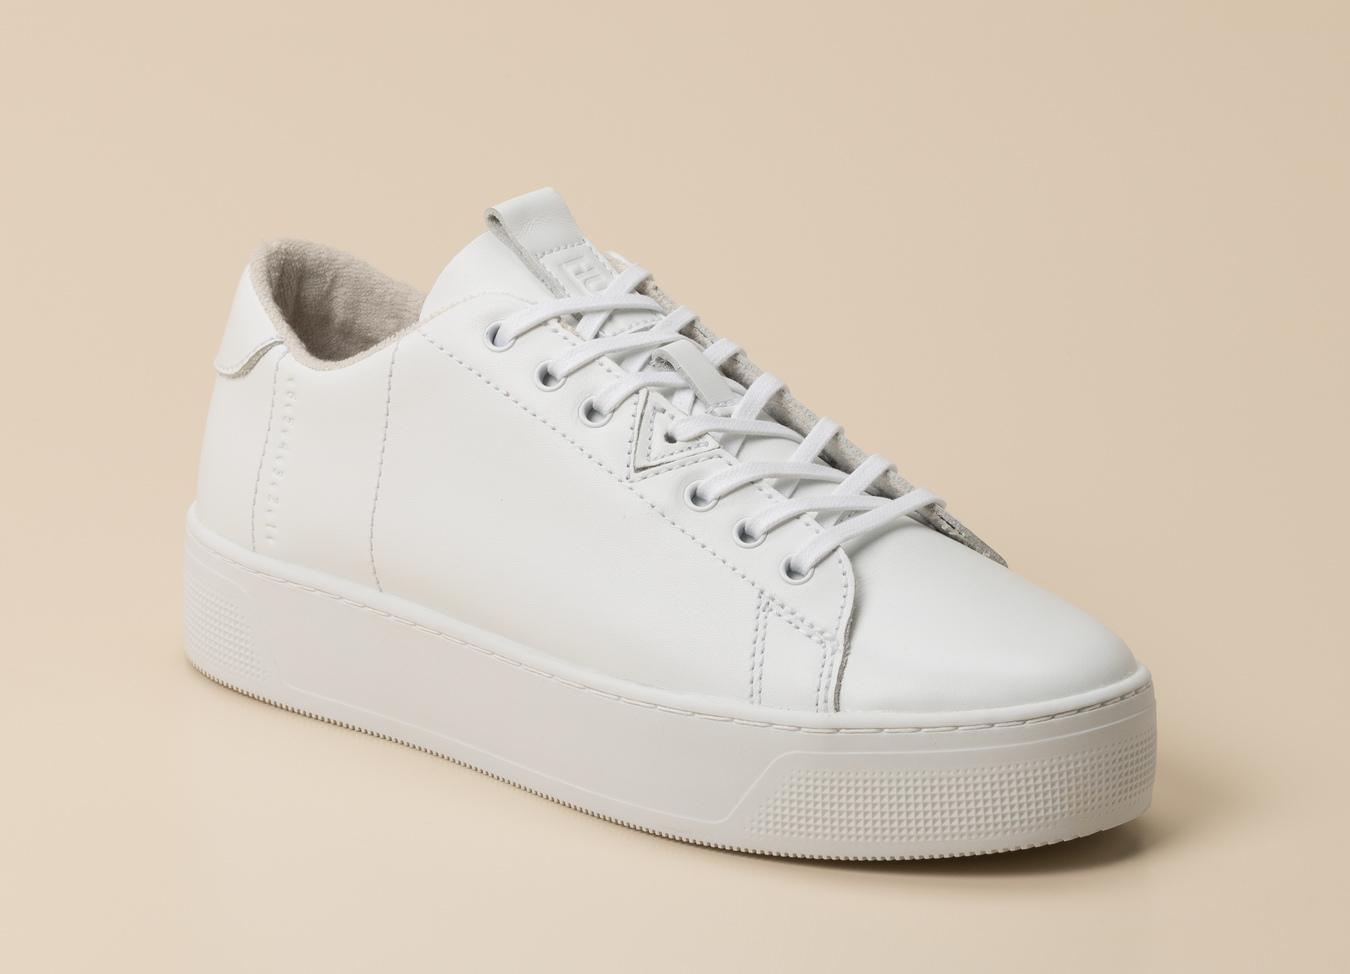 HUB Damen Sneaker in weiß kaufen | Zumnorde Online Shop